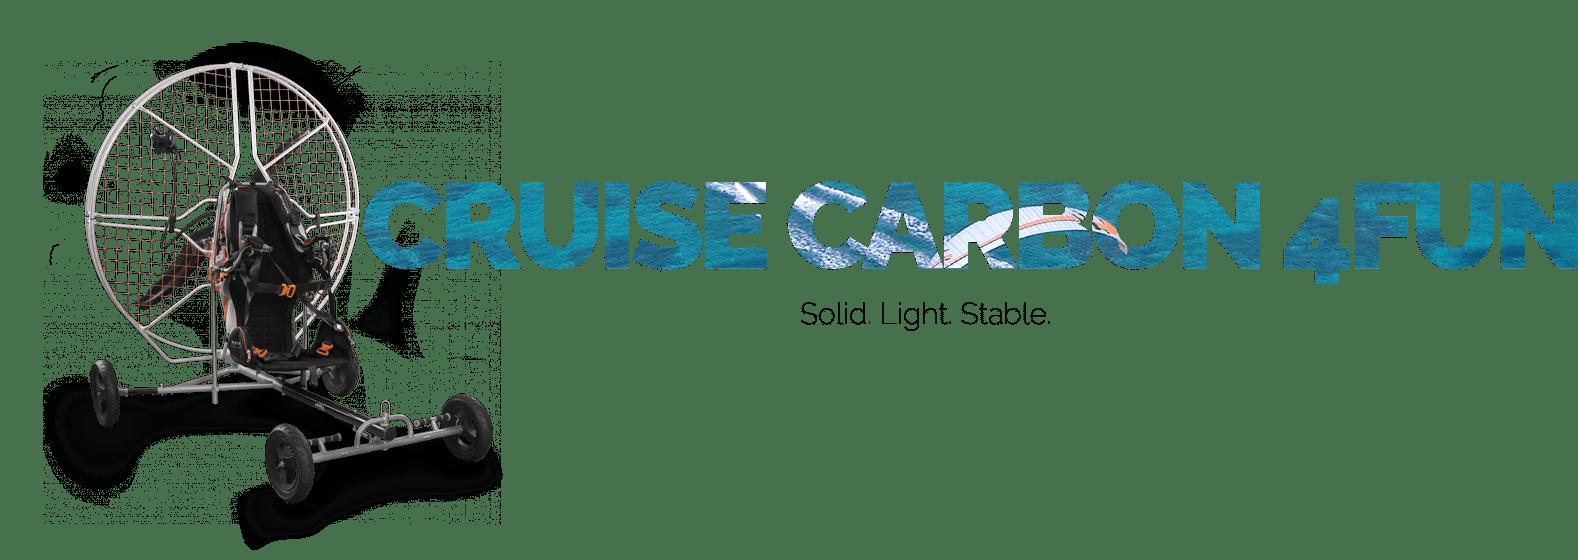 undercarriege-4fun